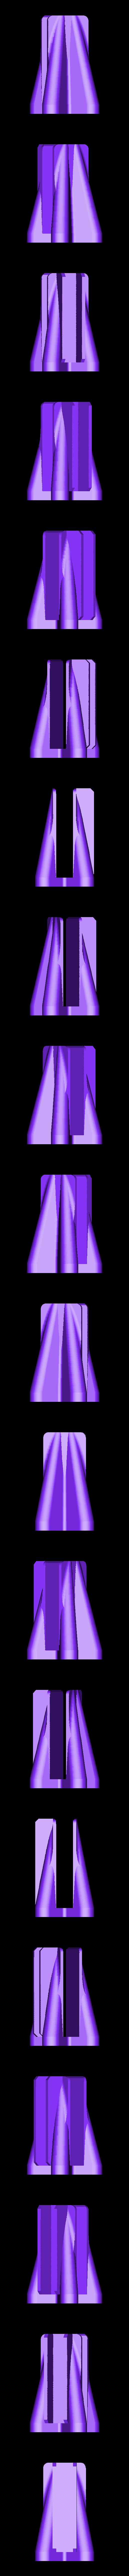 Motor_Mount_Flying_Wing.stl Télécharger fichier STL gratuit Montage du moteur à ailes volantes • Objet pour imprimante 3D, goodsons_hobbies